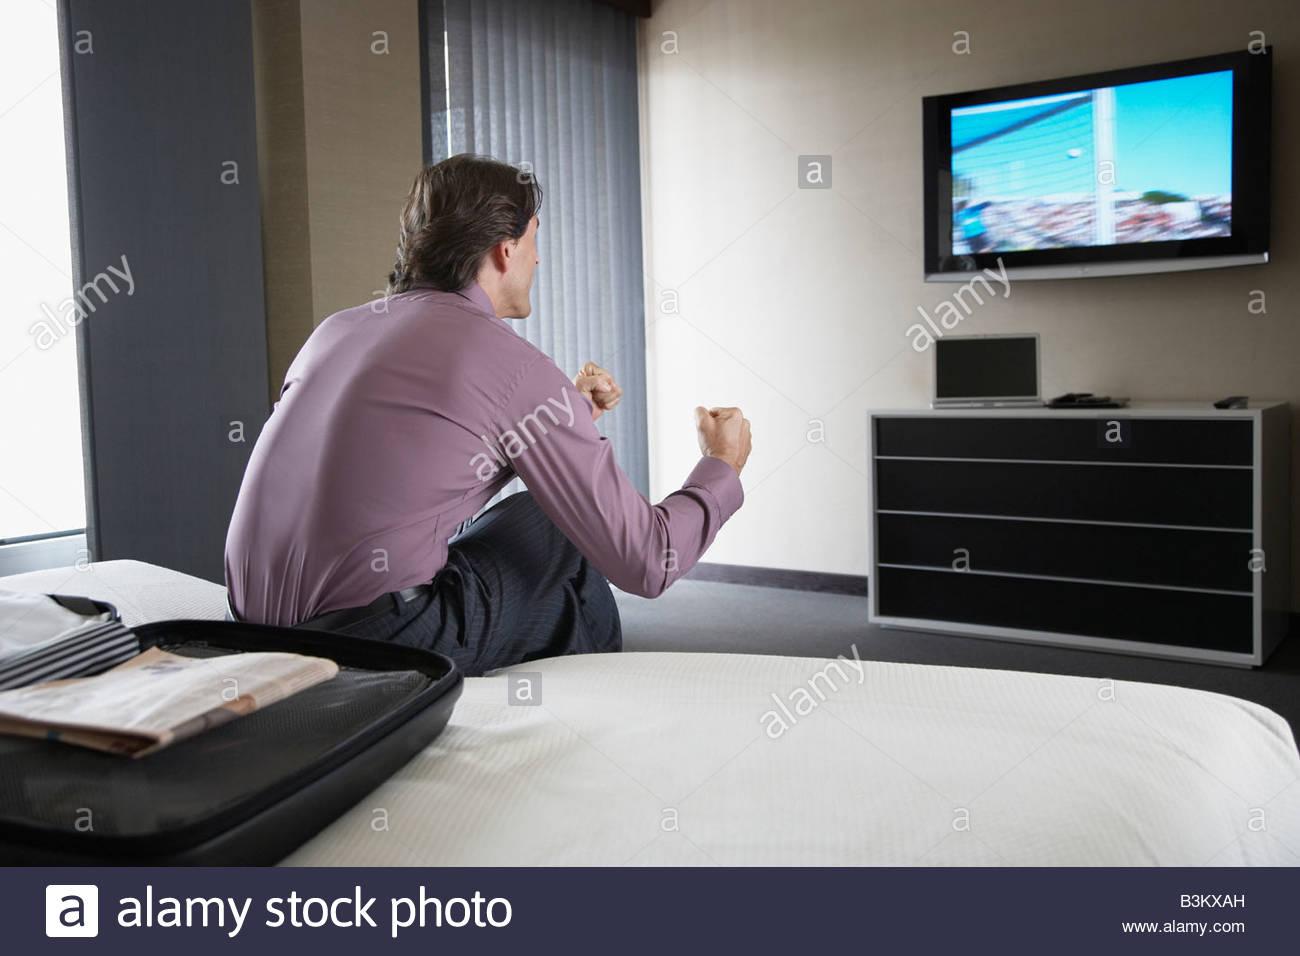 Телевизор и мастурбация 1 фотография